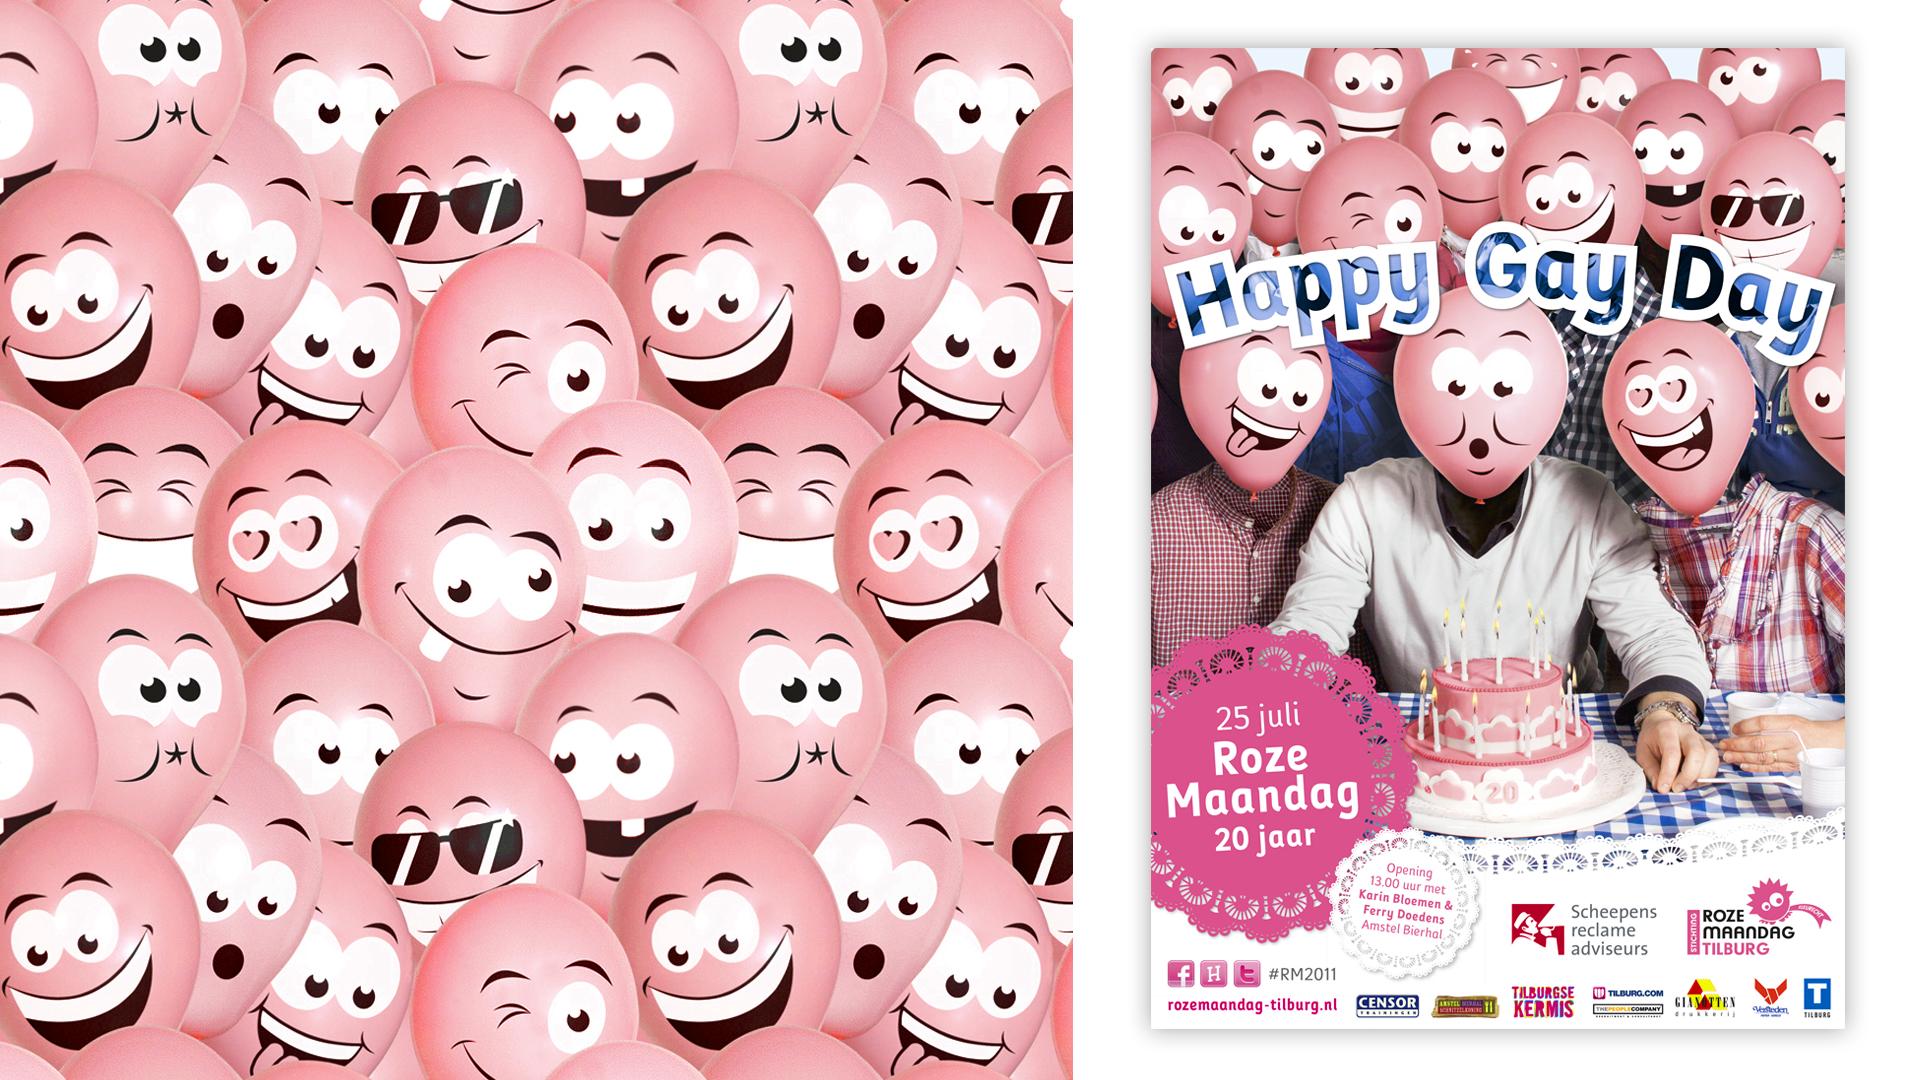 321291 rozemaandag 2011 ballonnen 1 5ac3a6 original 1562008240